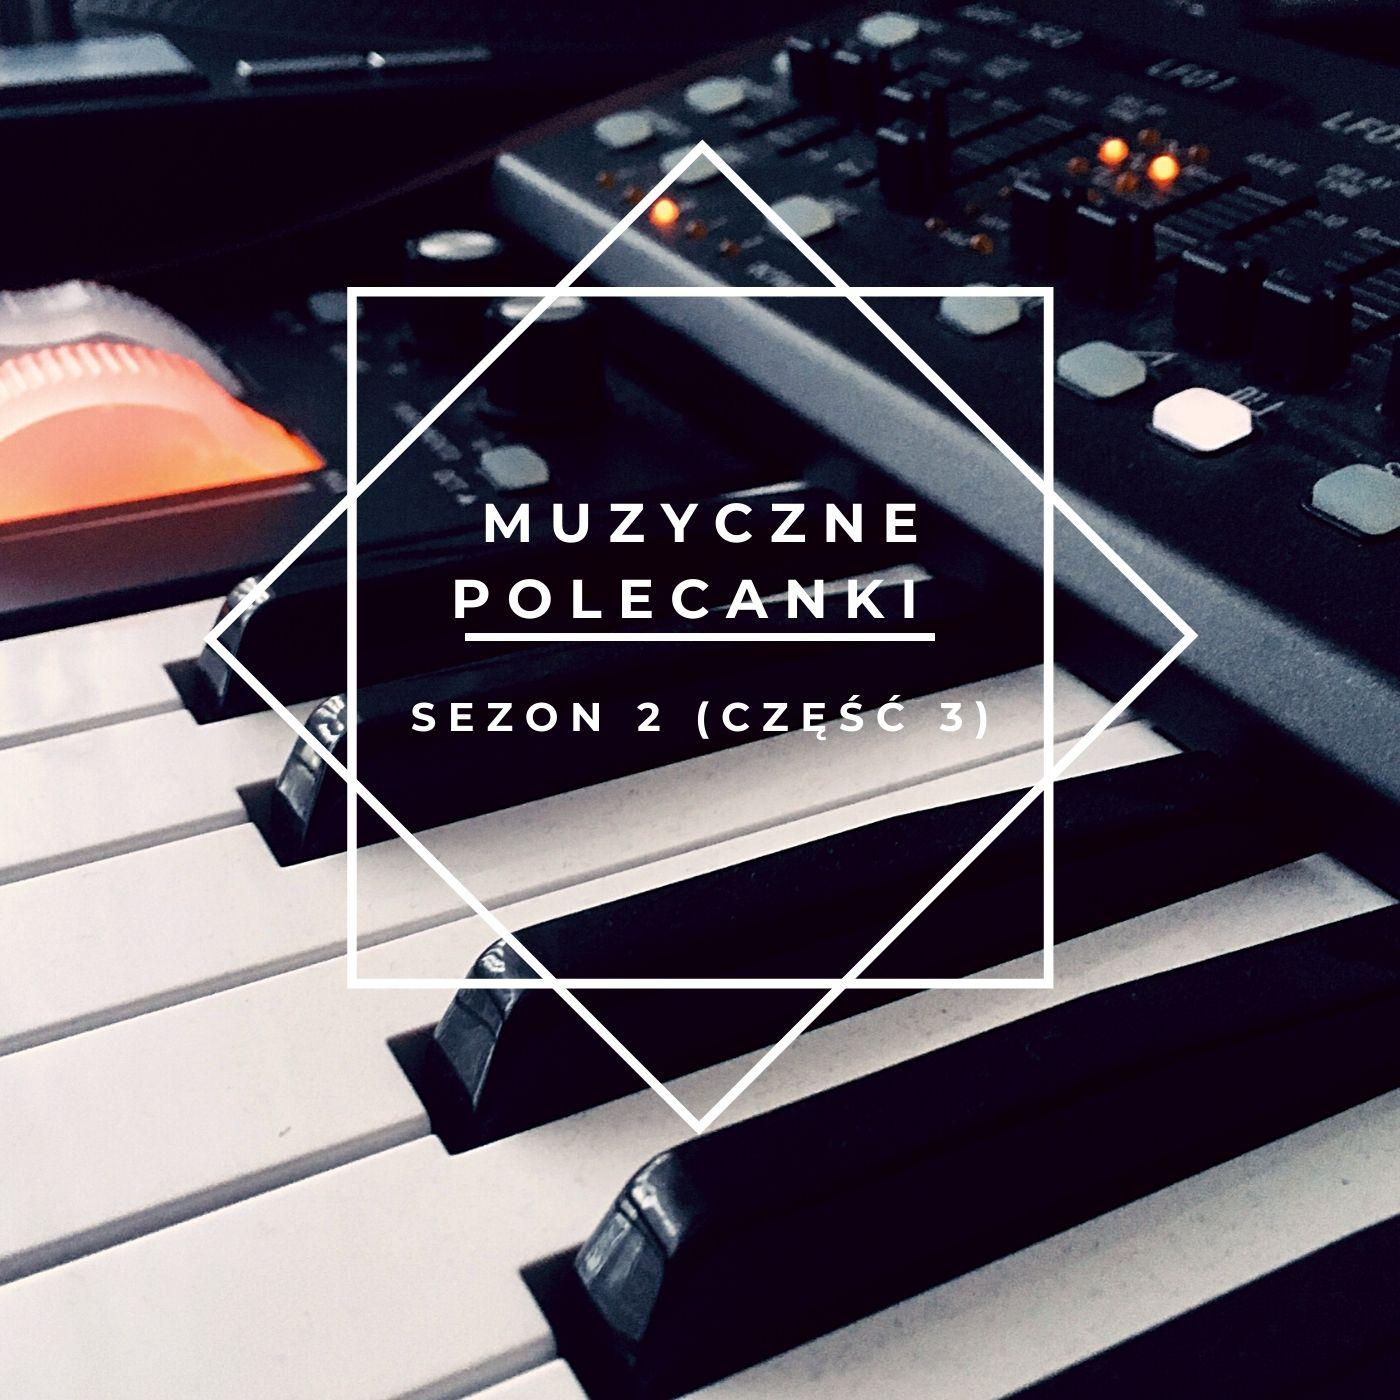 Muzyczne Polecanki - Sezon 2 (część 3)